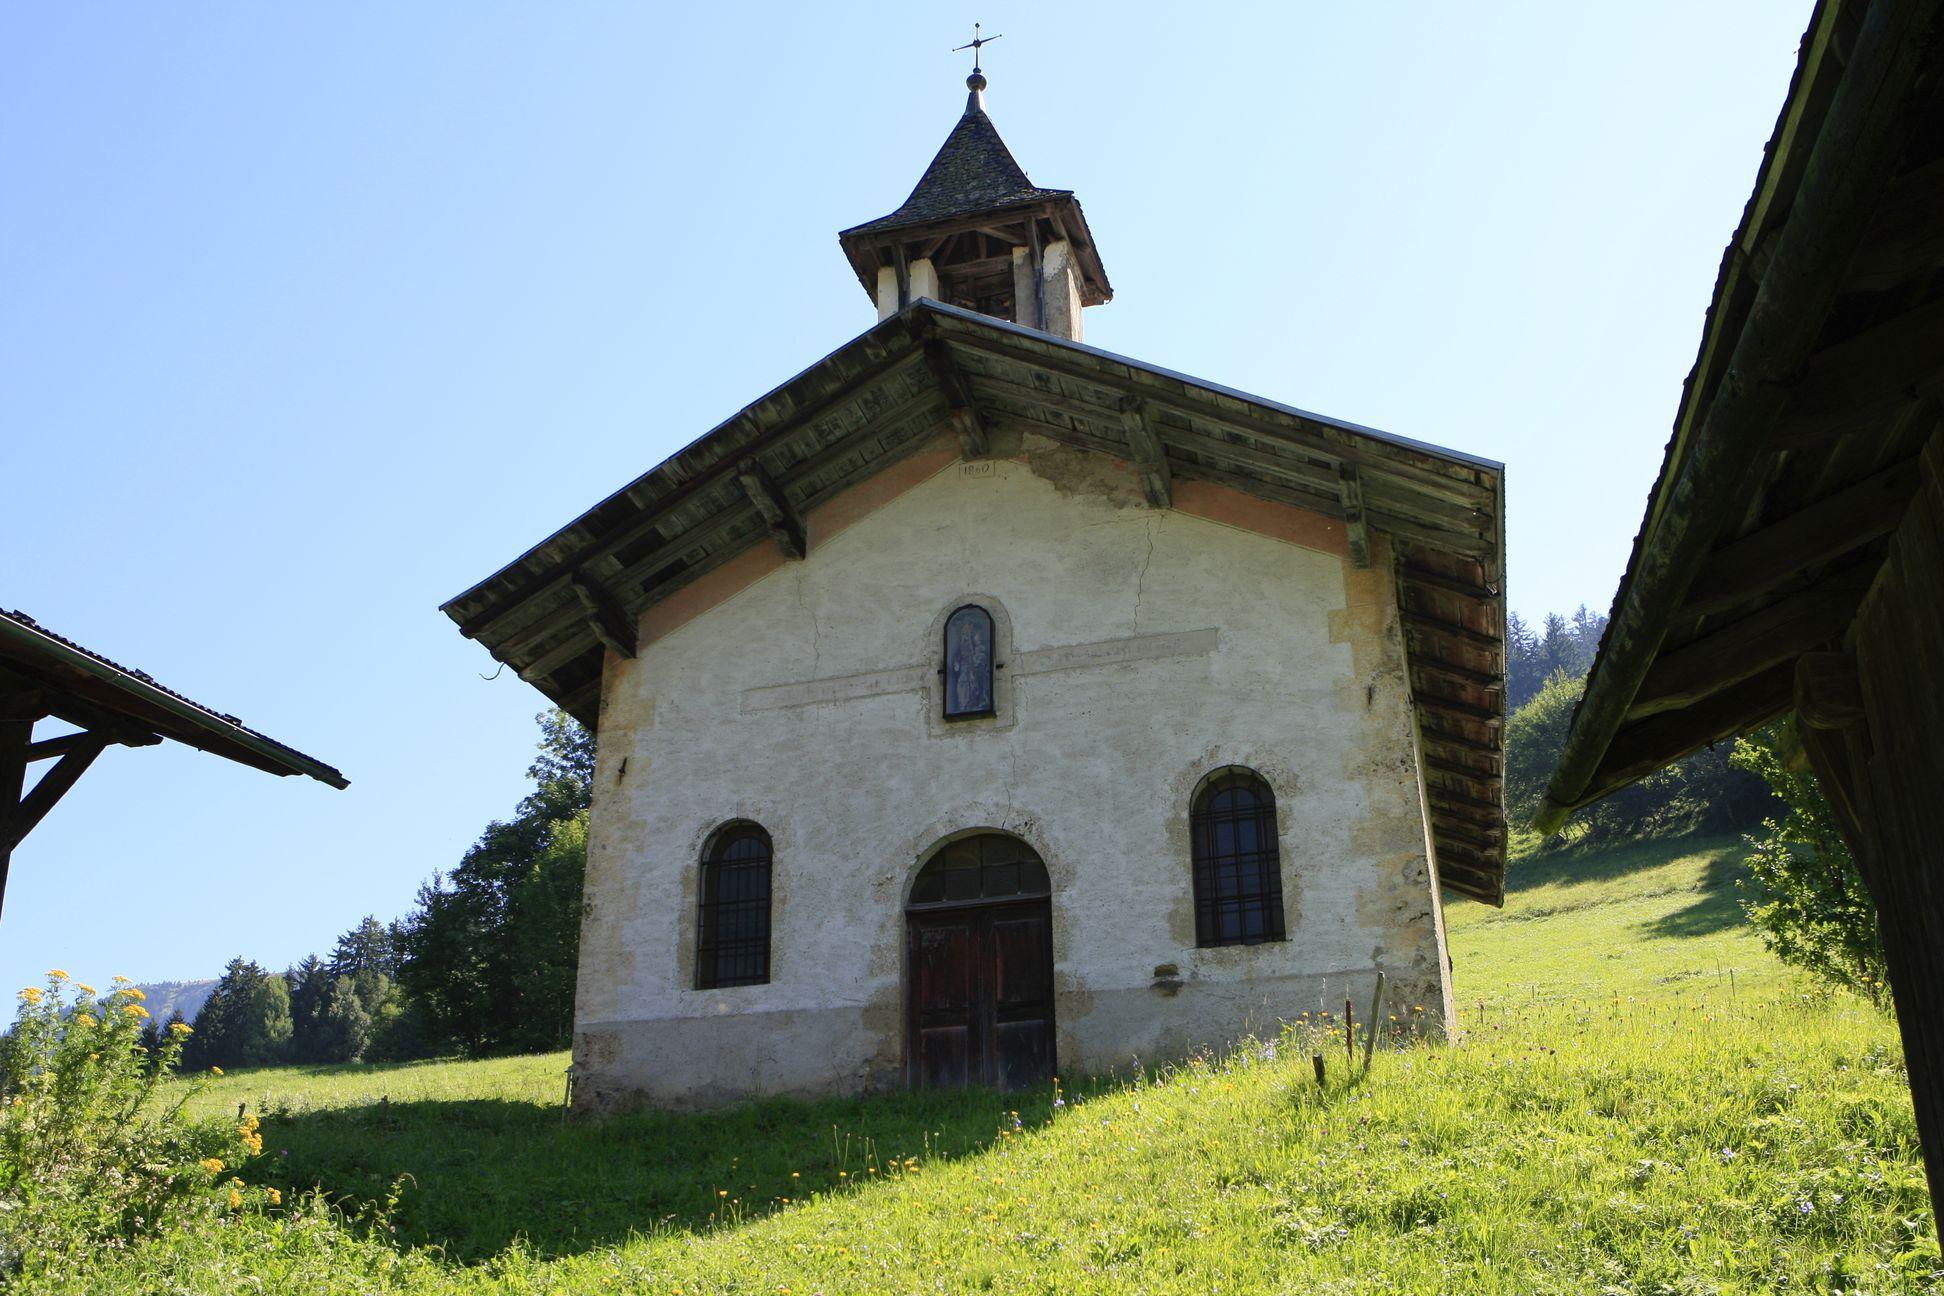 St Sauveur chapel